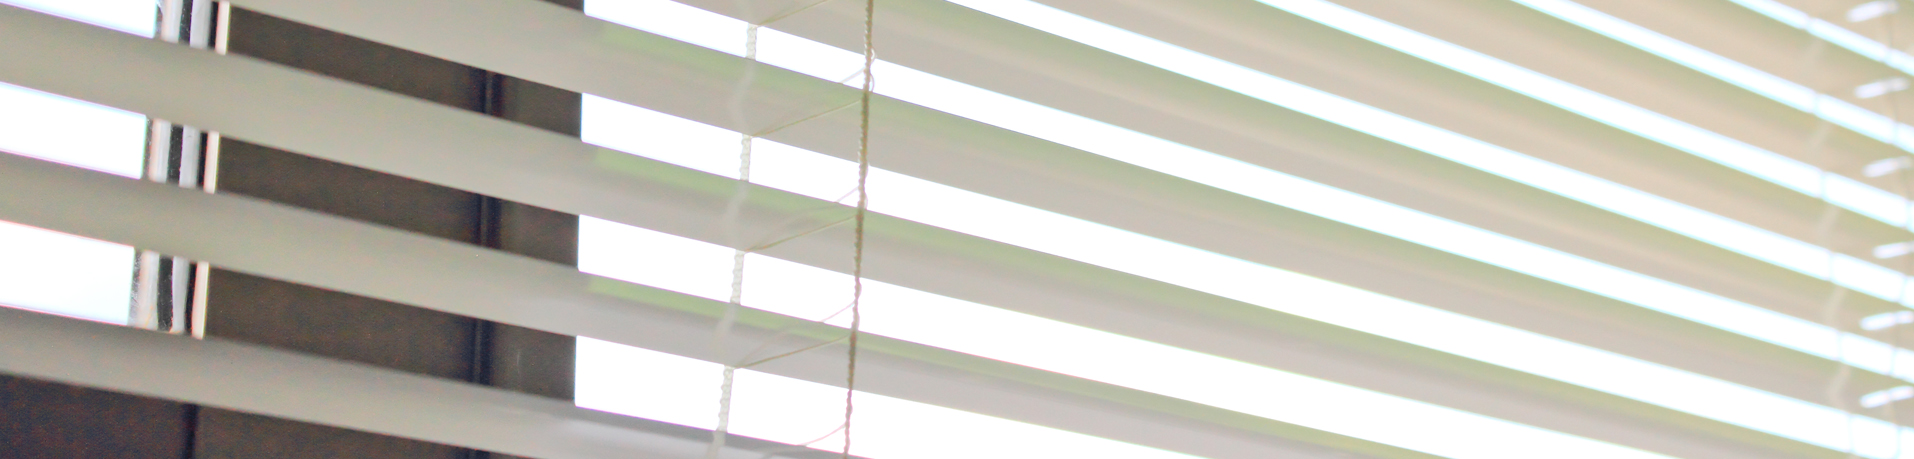 Persienner Hägersten - Stockholm Glas och Solskydd